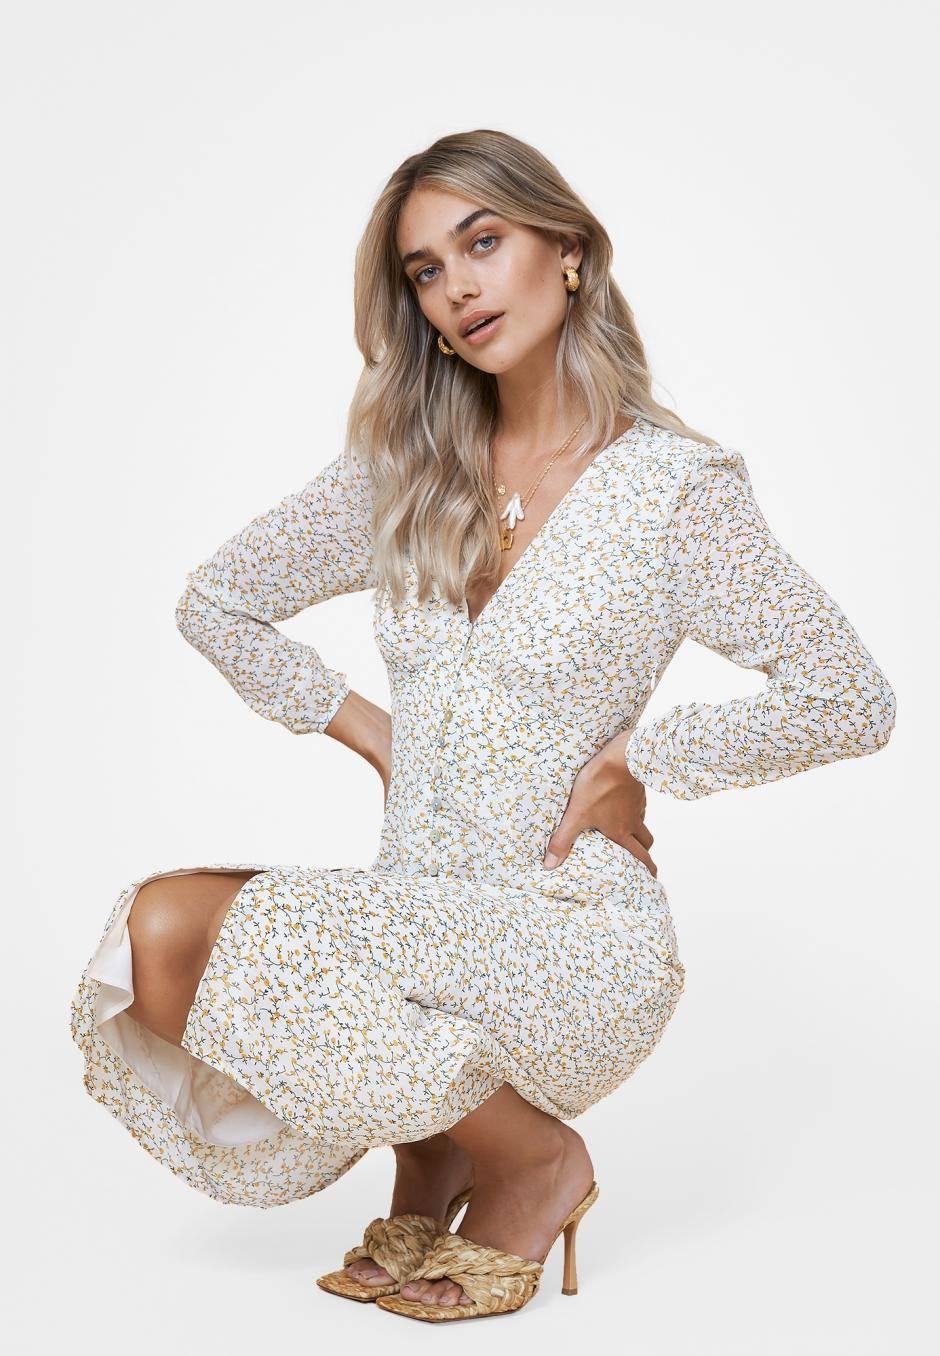 Adoore Paris Dress Lemon